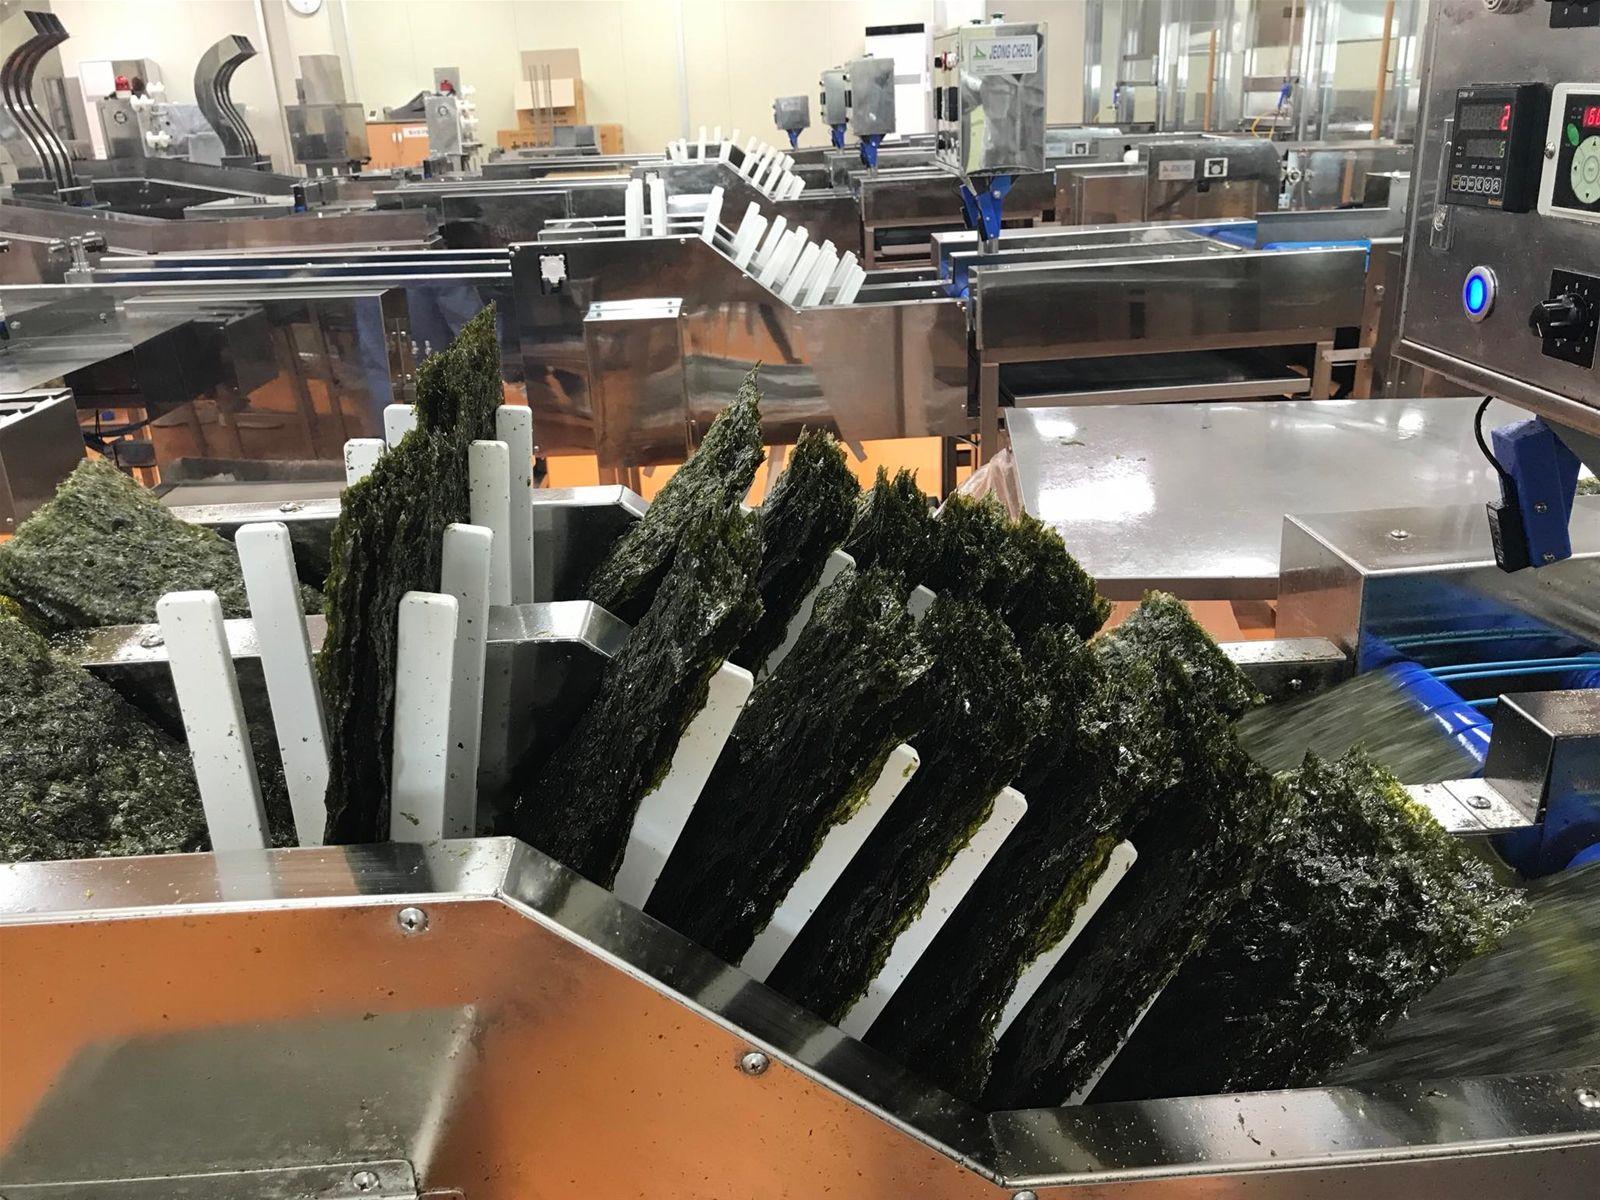 Trong 1 năm trở lại đây, các cơ sở sản xuất lá kim Hàn Quốc đã cho ra mắt những sản phẩm được chế biến từ lá kim với hình thức và ...